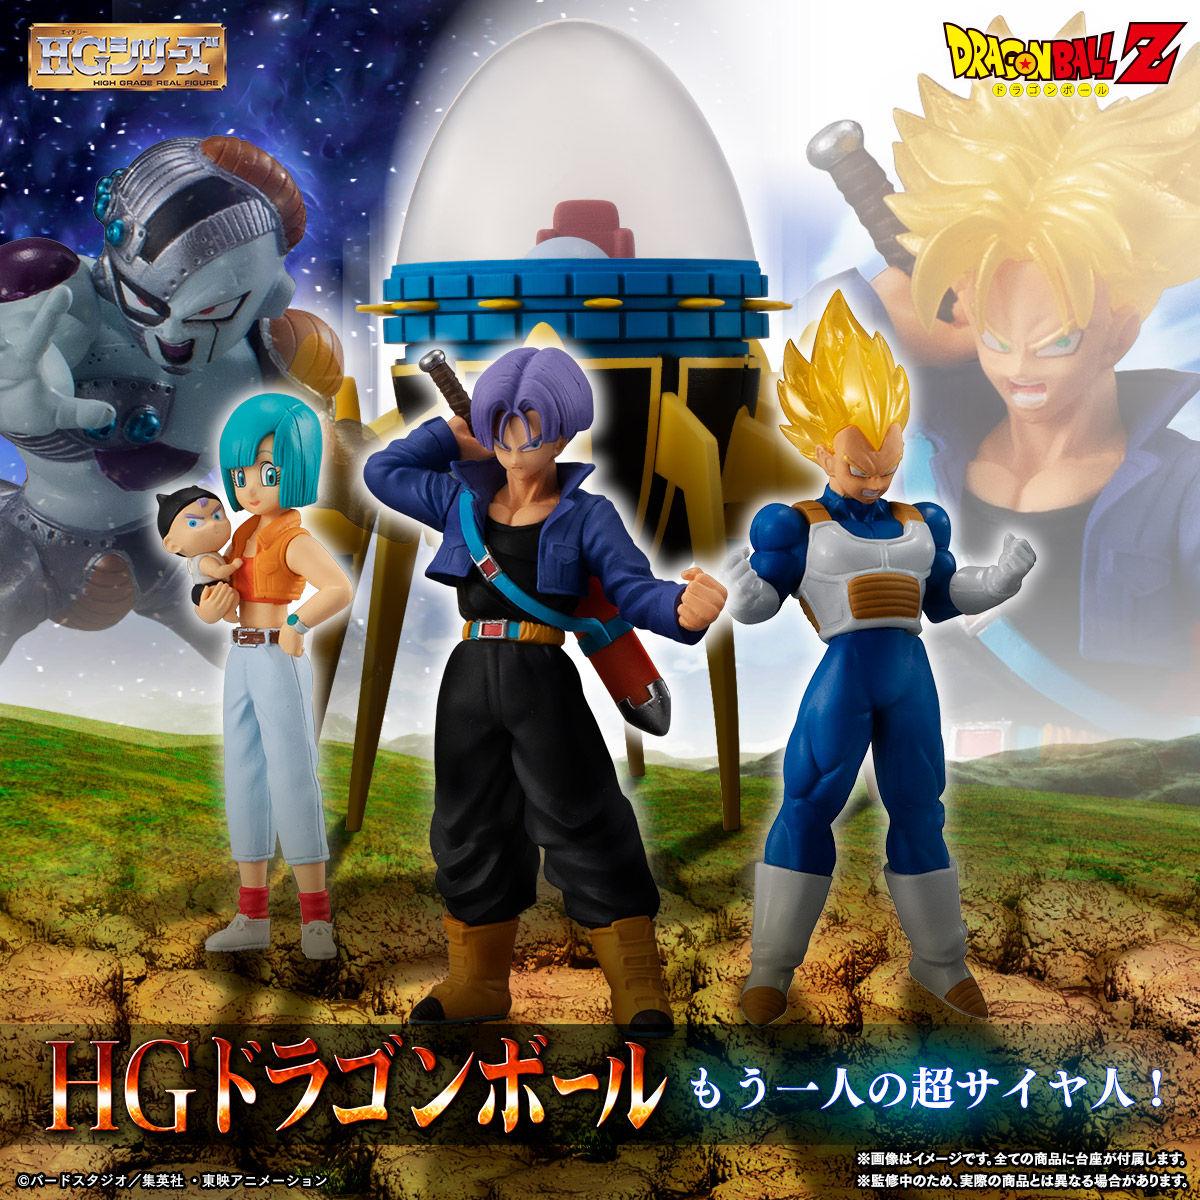 【限定販売】HGシリーズ『HGドラゴンボール もう一人の超サイヤ人編』全3種+タイムマシン-001